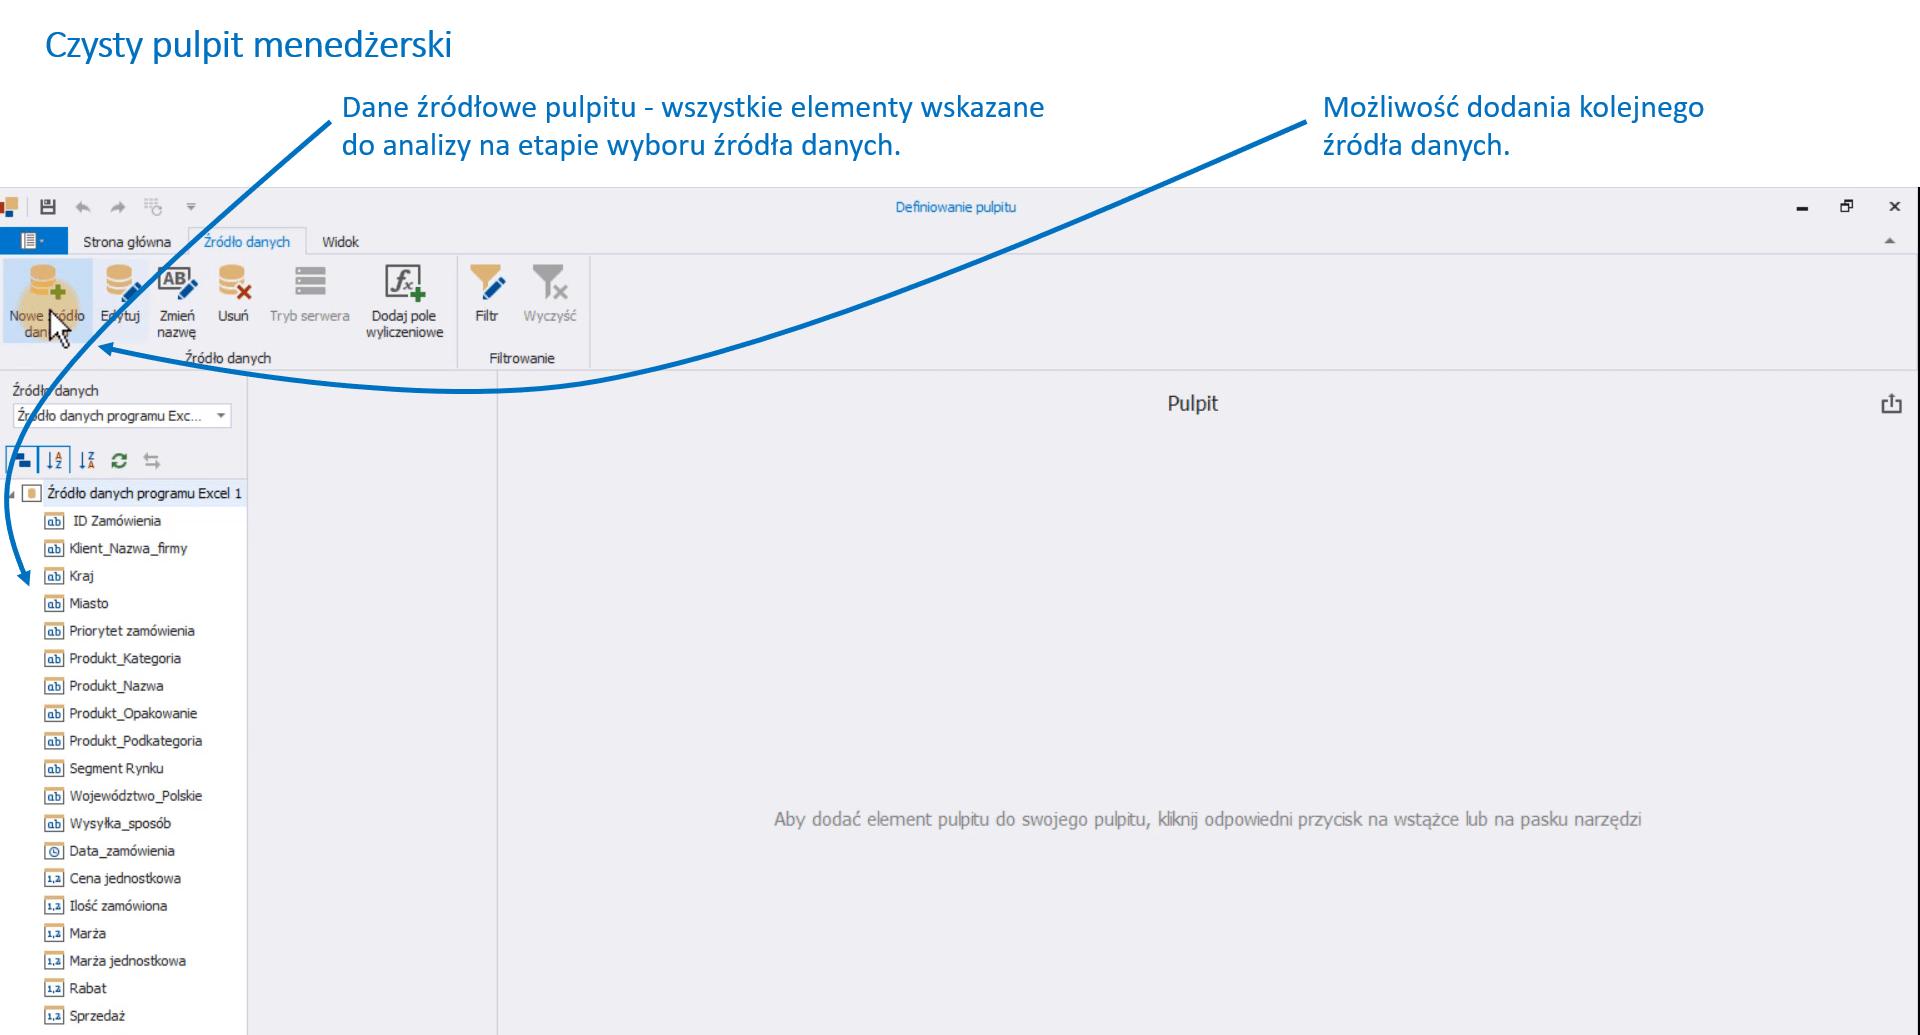 Eureca BI - Wizualizacja danych i Czysty pulpit menedżerski